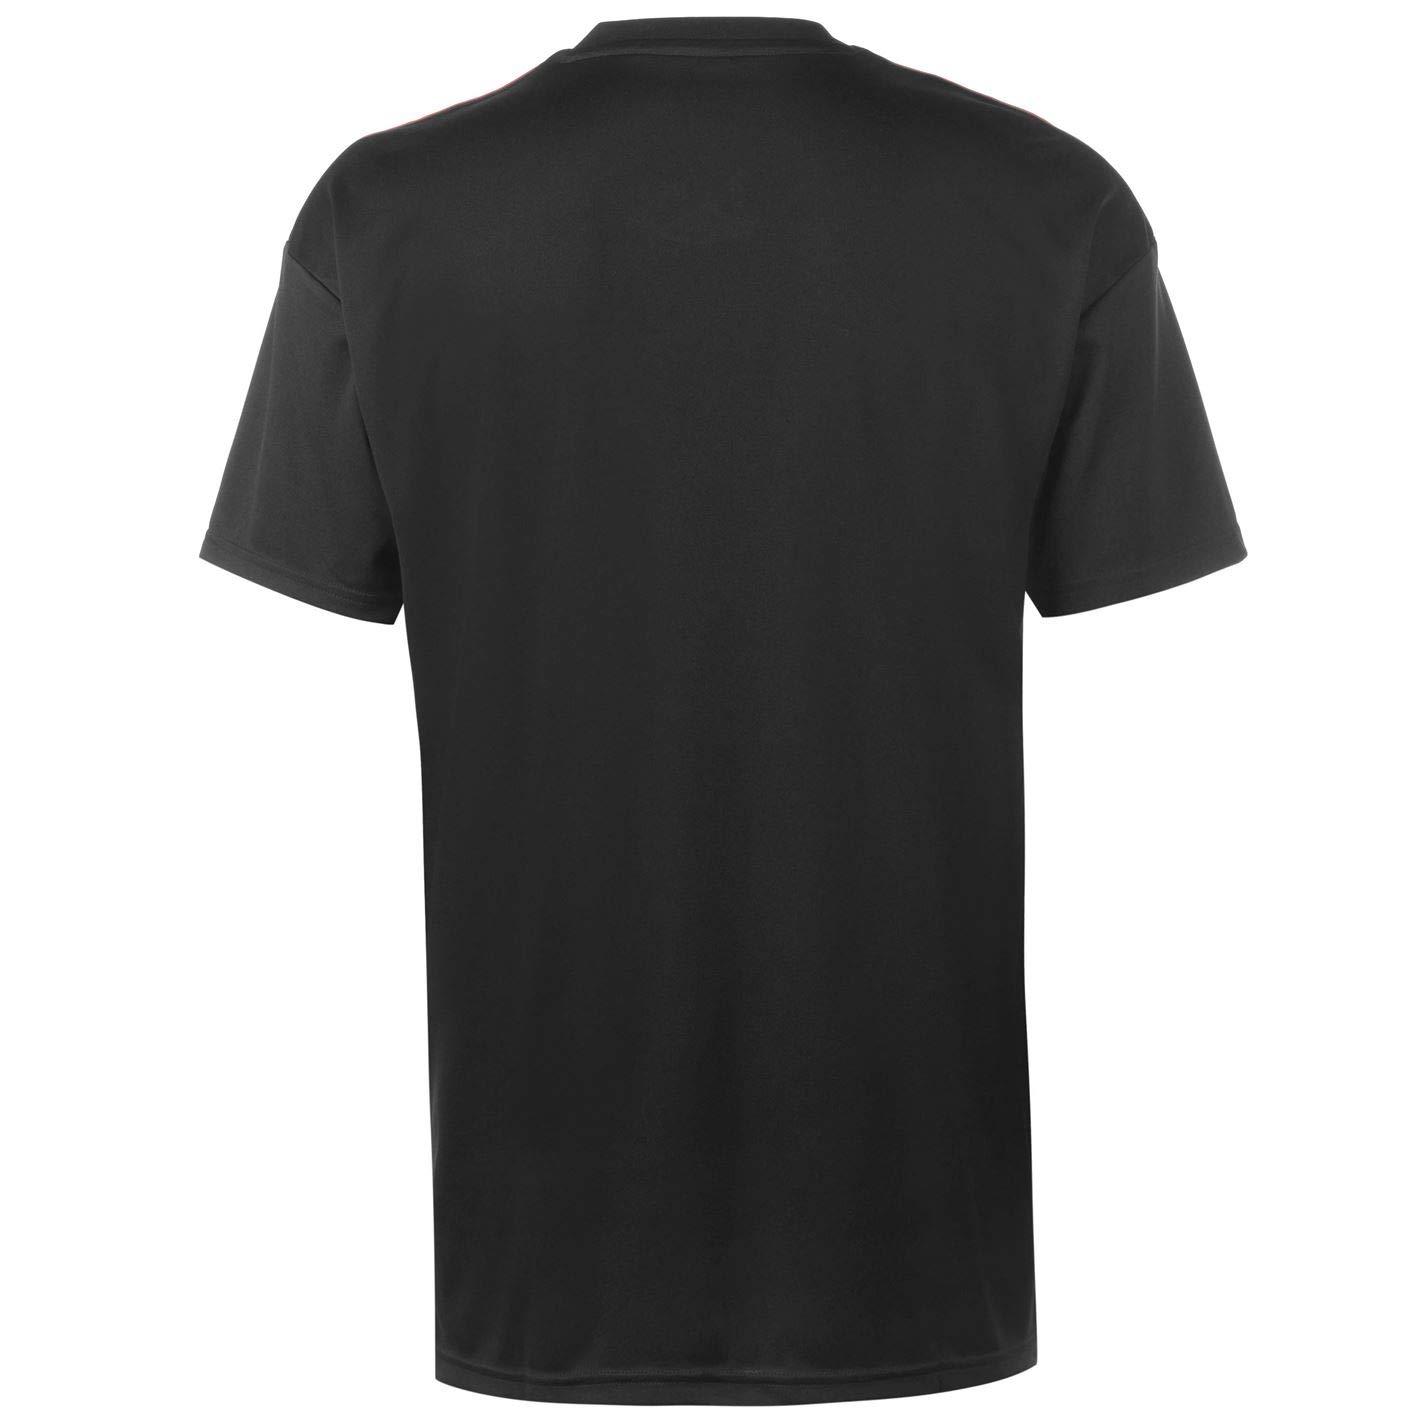 d936d49e88a Amazon.com   adidas 2018-2019 Man Utd Pre-Match Training Football Soccer T- Shirt Jersey (Black)   Sports   Outdoors